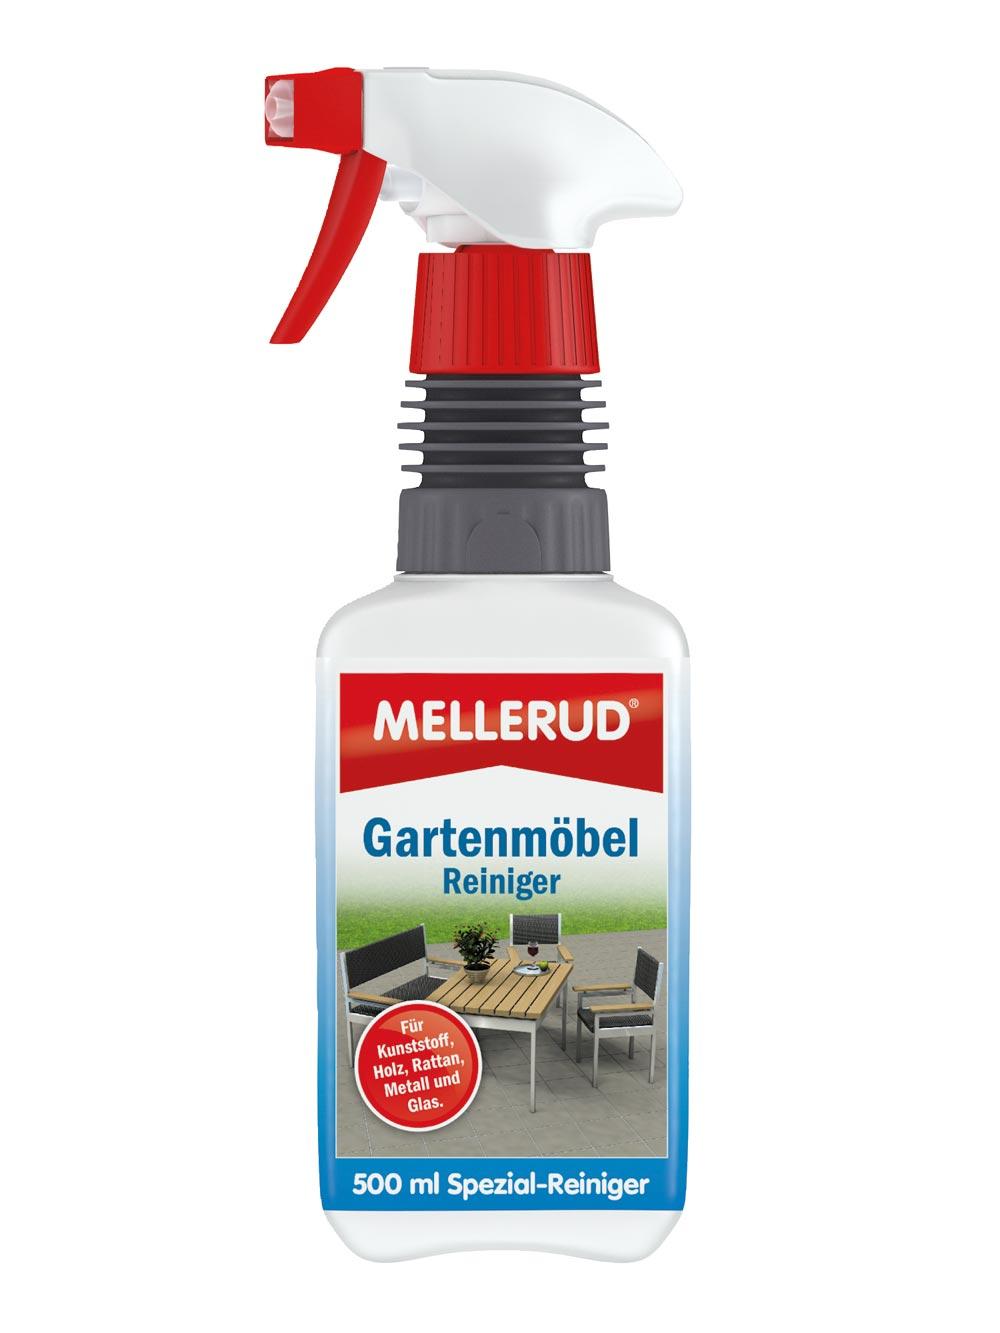 MELLERUD Gartenmöbel Reiniger 0,5 Liter Bild 1